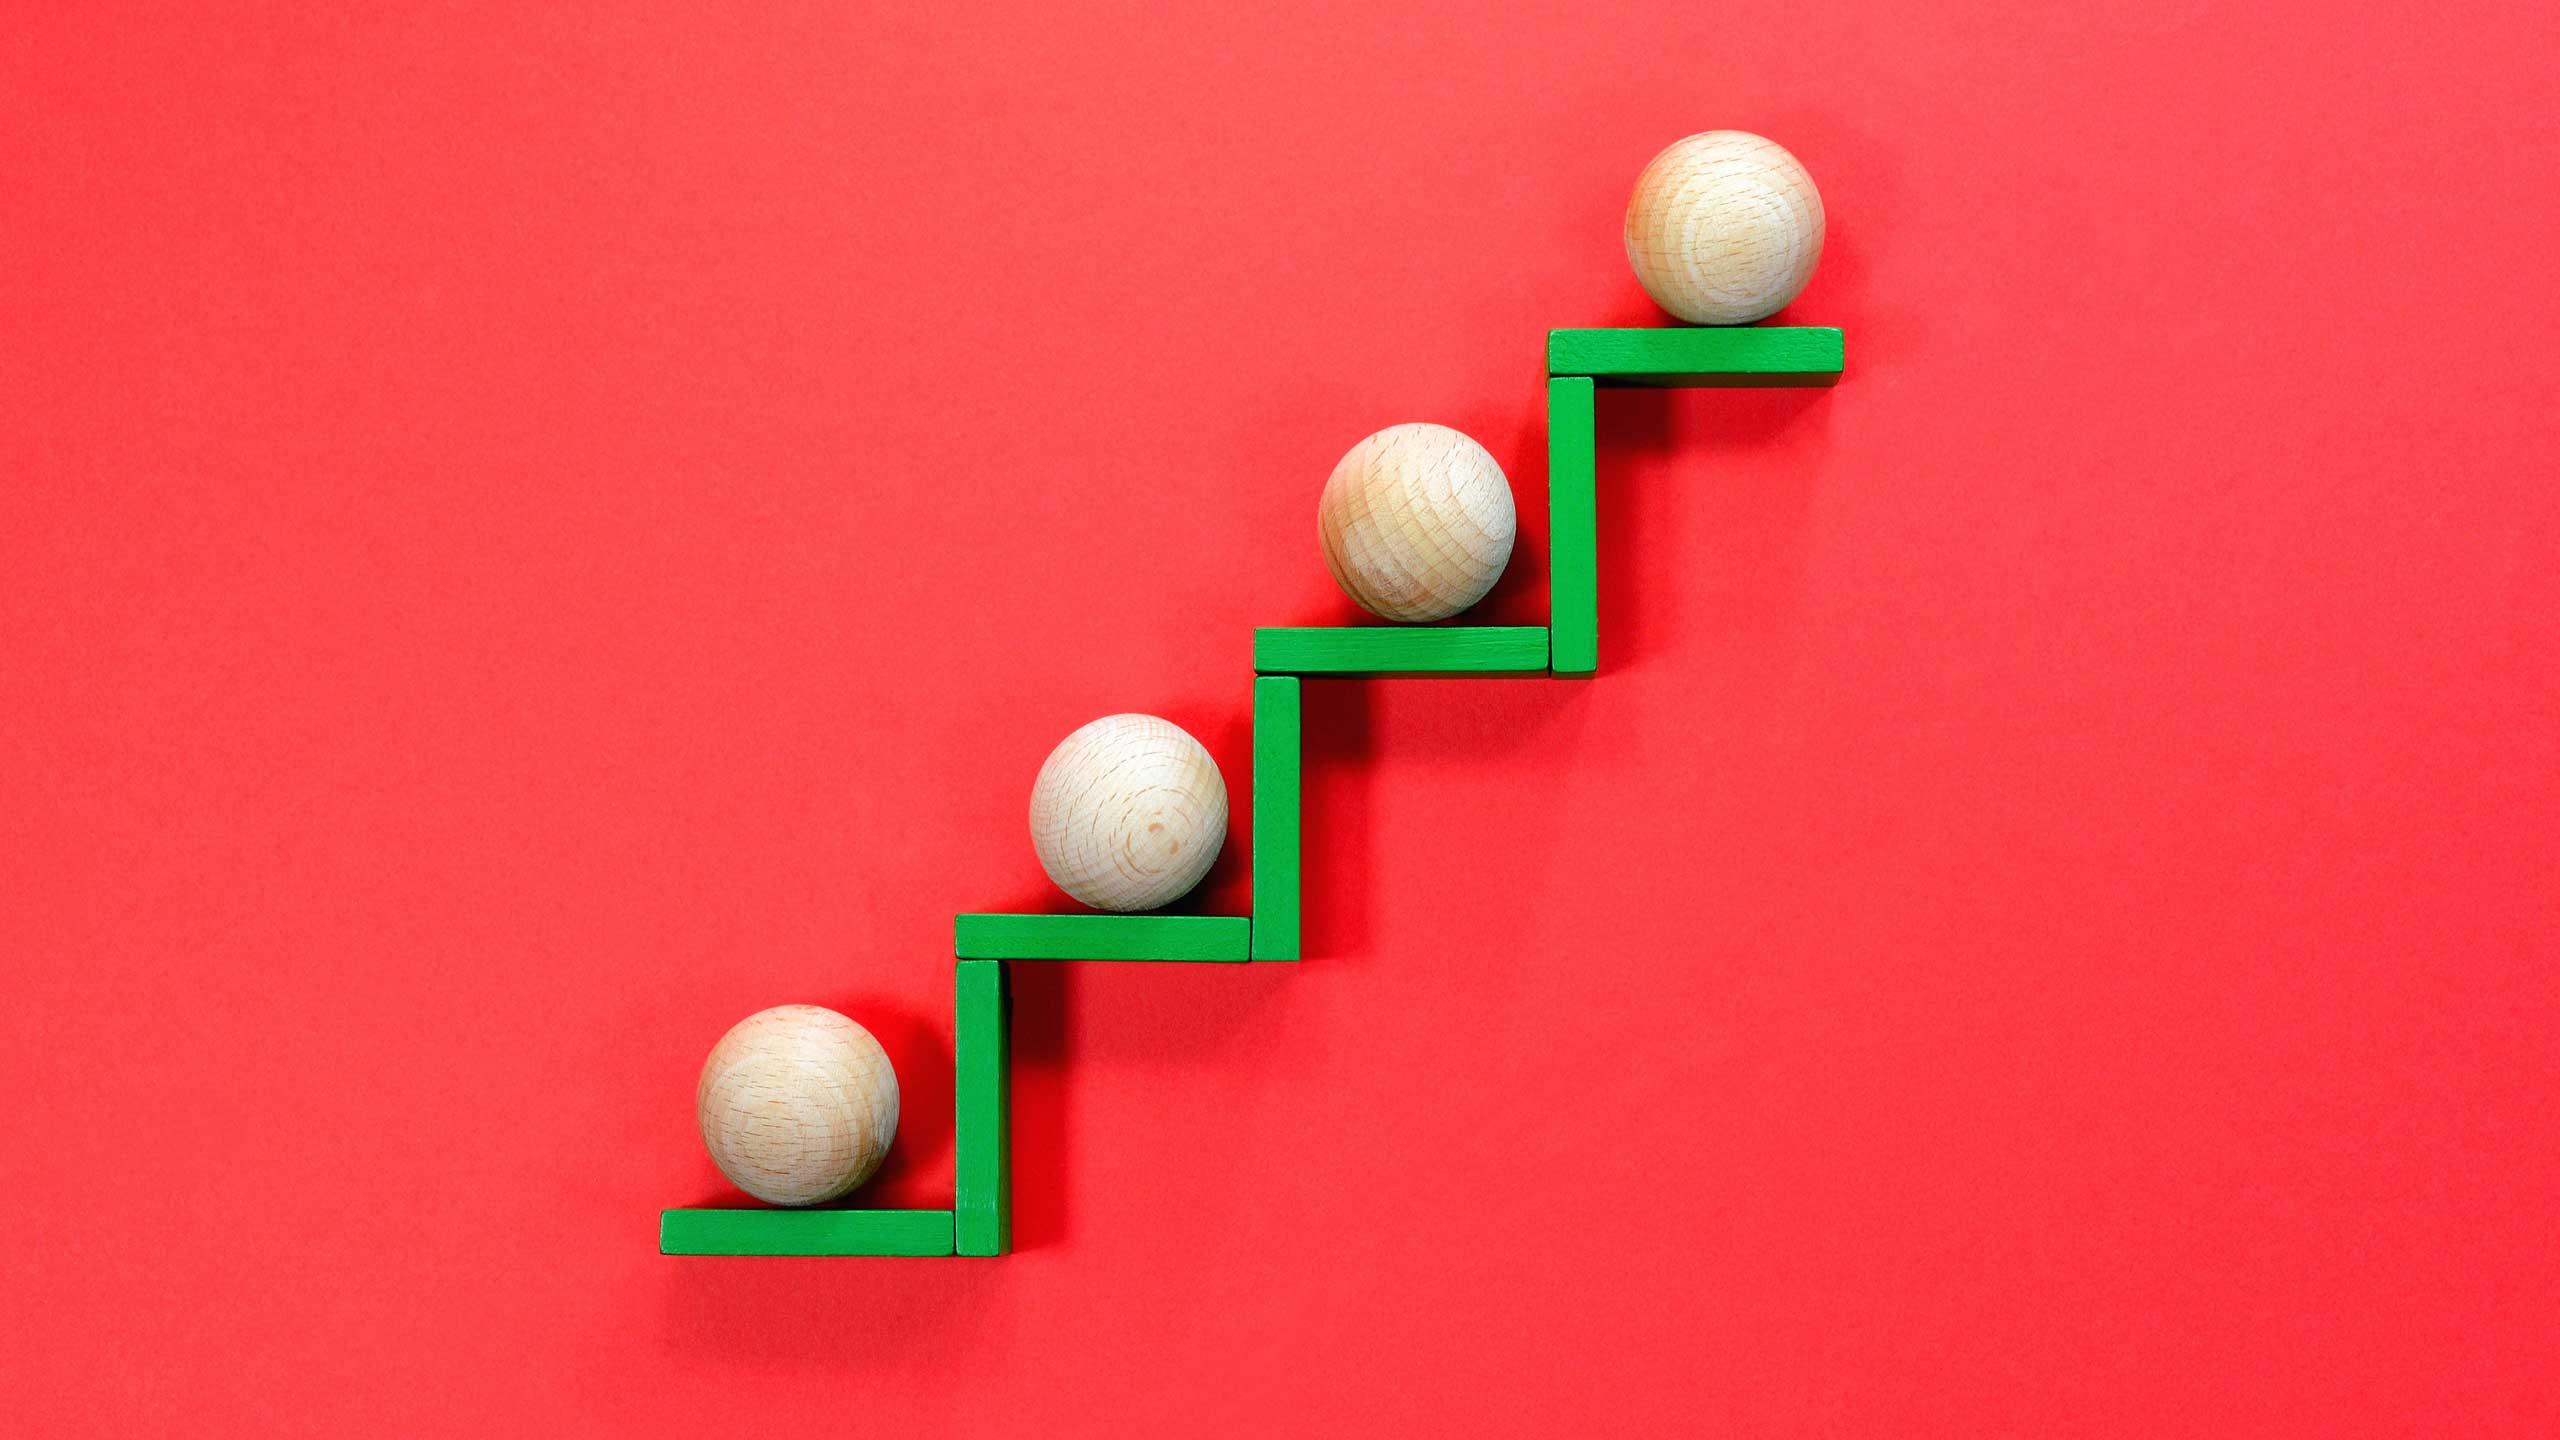 四個木球排列在木架上; 圖片使用於滙豐台灣運籌理財的頁面。